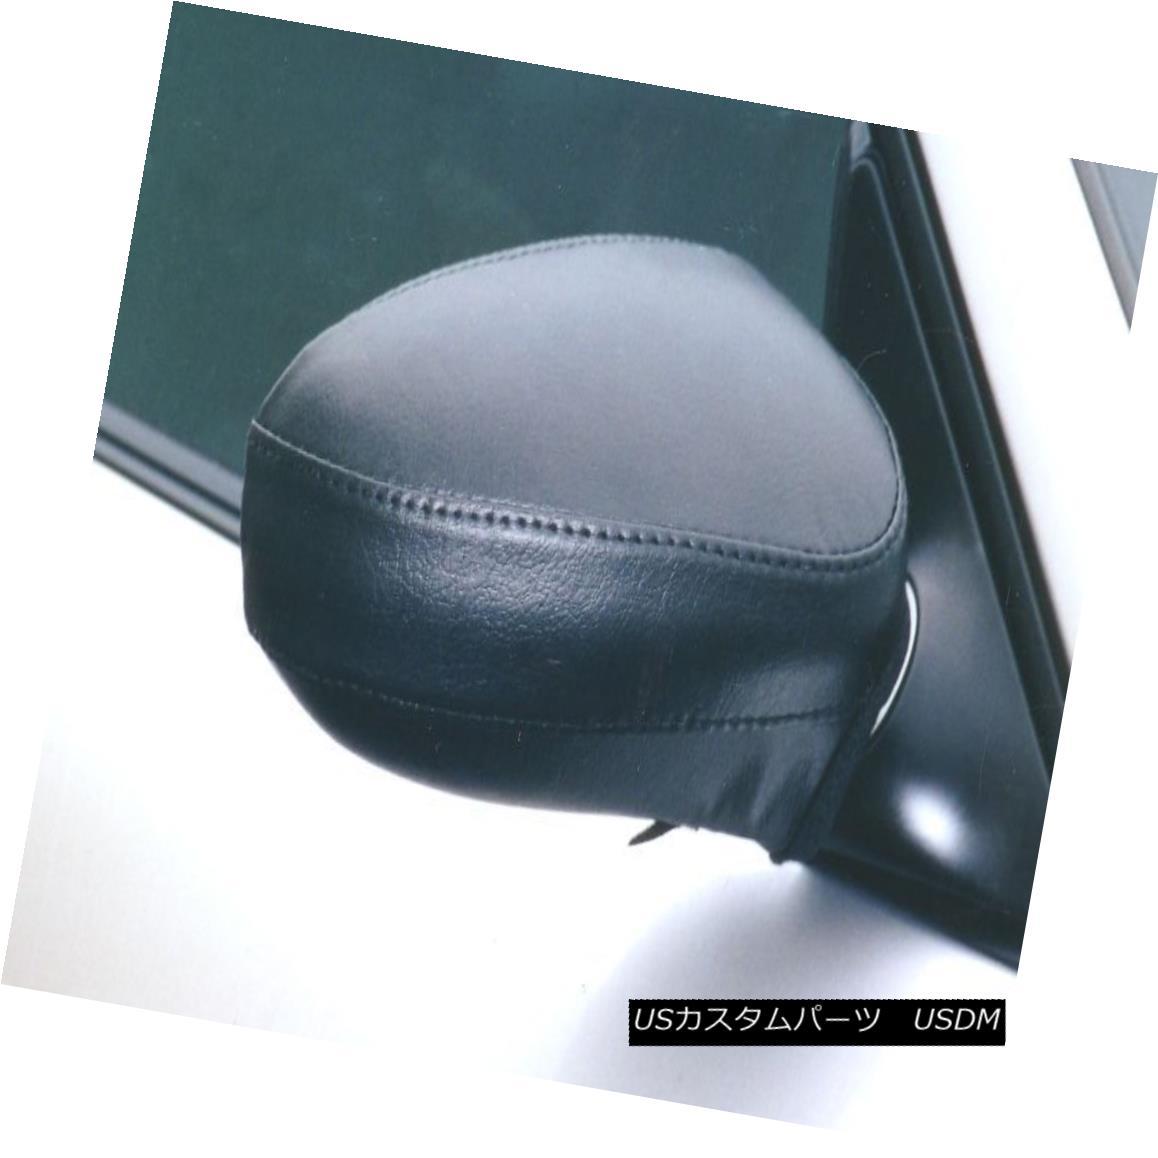 フルブラ ノーズブラ Colgan Car Mirror Covers Bra Black Fits 1999 Porsche 911 Carrera Aero コルガン車のミラーカバーブラブラックフィット1999年のポルシェ911カレラエアロ